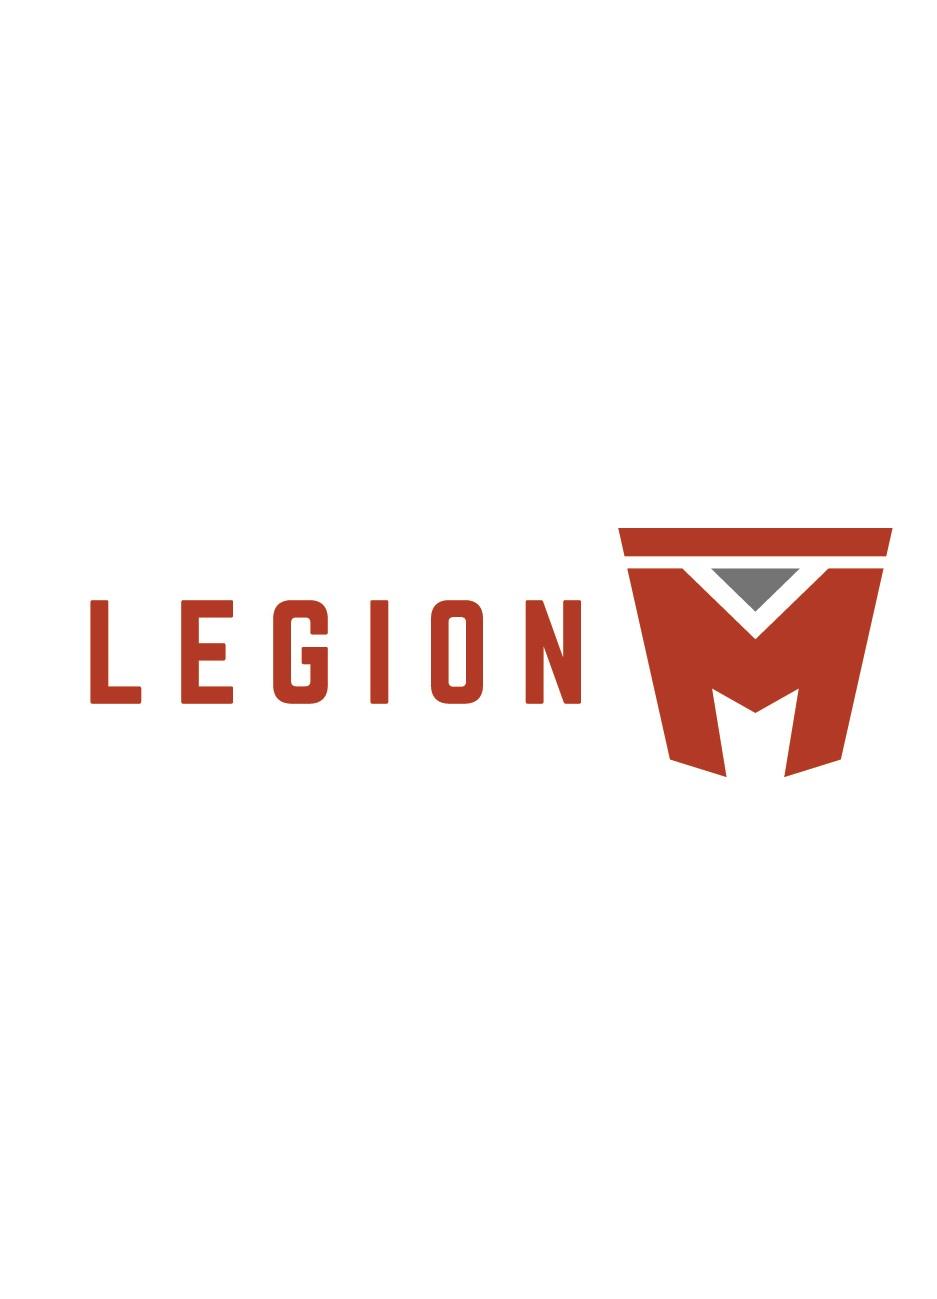 legion_m_color_horizontal-2.jpg